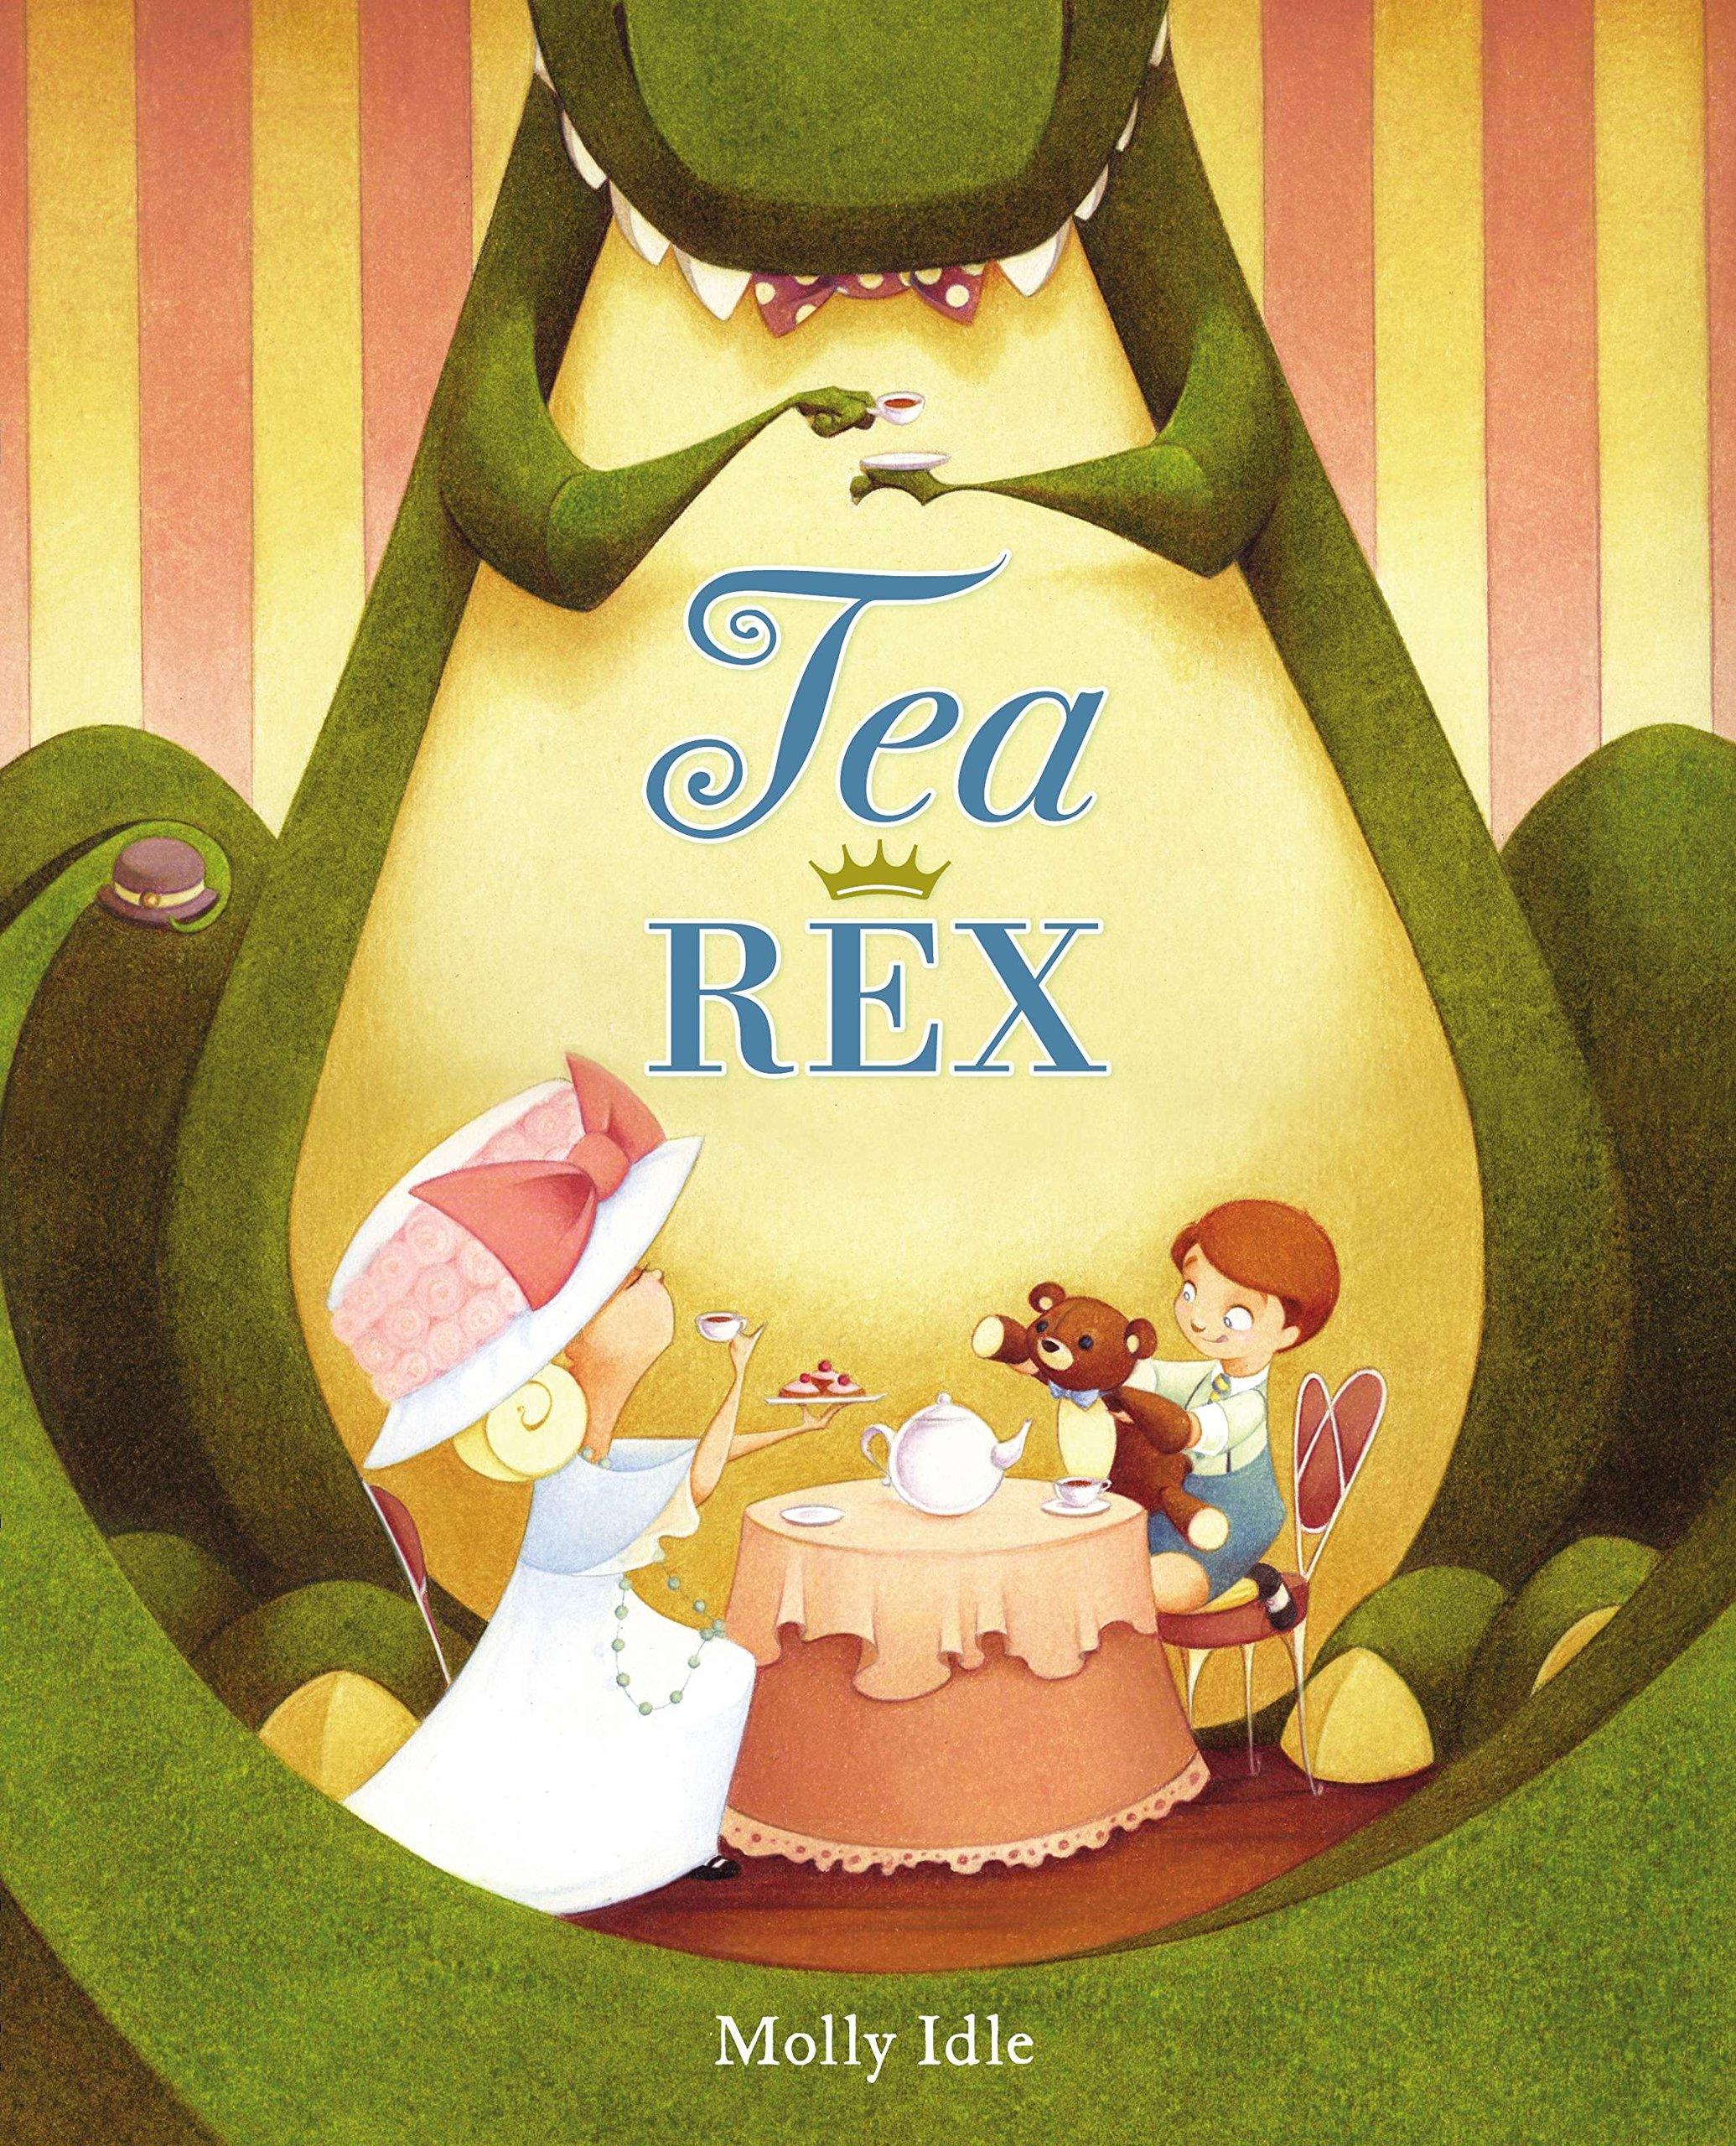 tea rex molly idle 9780670014309 amazon com books